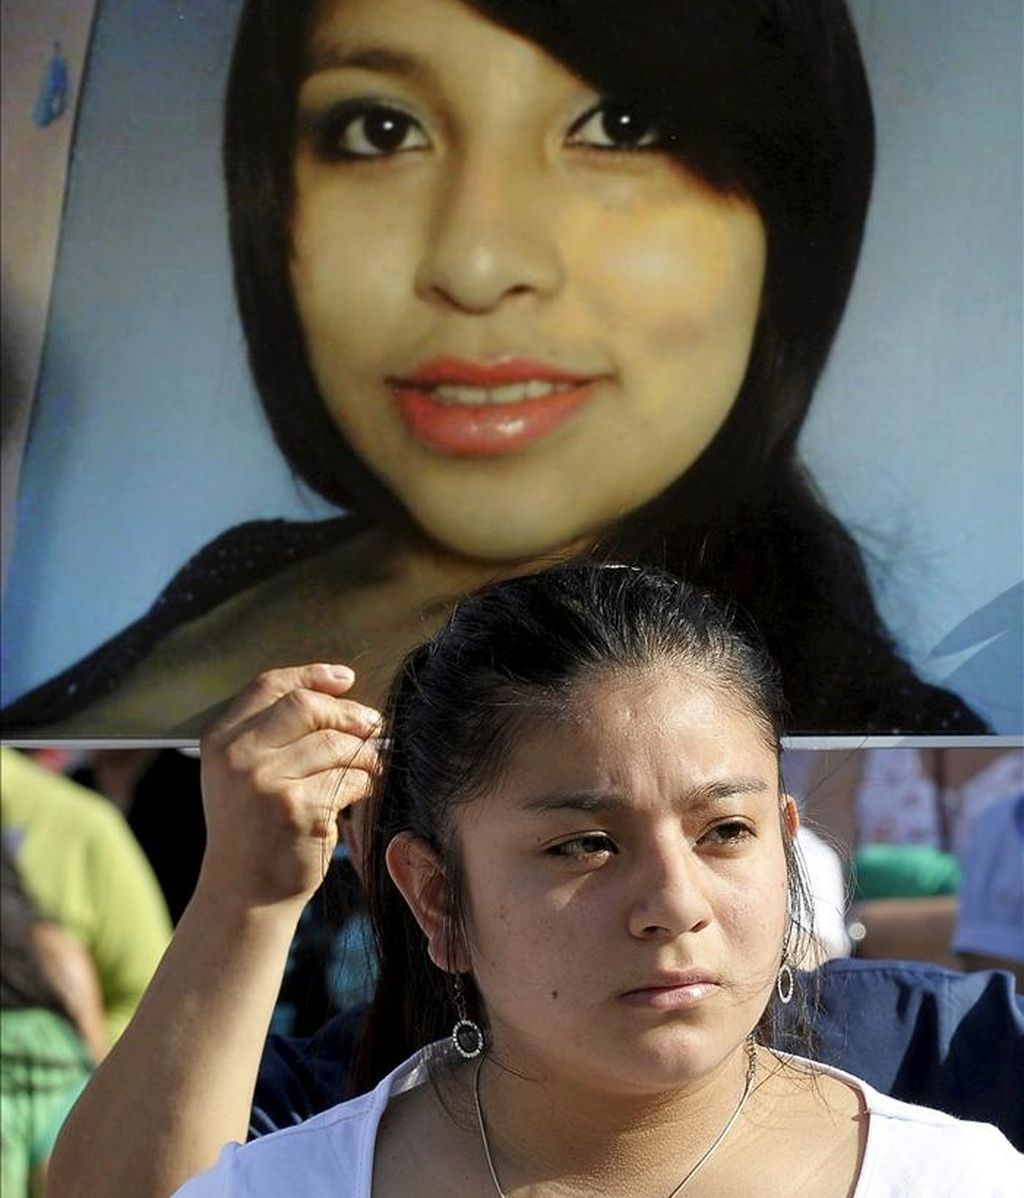 Una joven familiar de Yanela Zaruma, la joven de 22 años que apareció muerta el pasado lunes en la localidad navarra de Beriain, durante la concentración en la plaza del Castillo de Pamplona para exigir justicia. EFE/Archivo